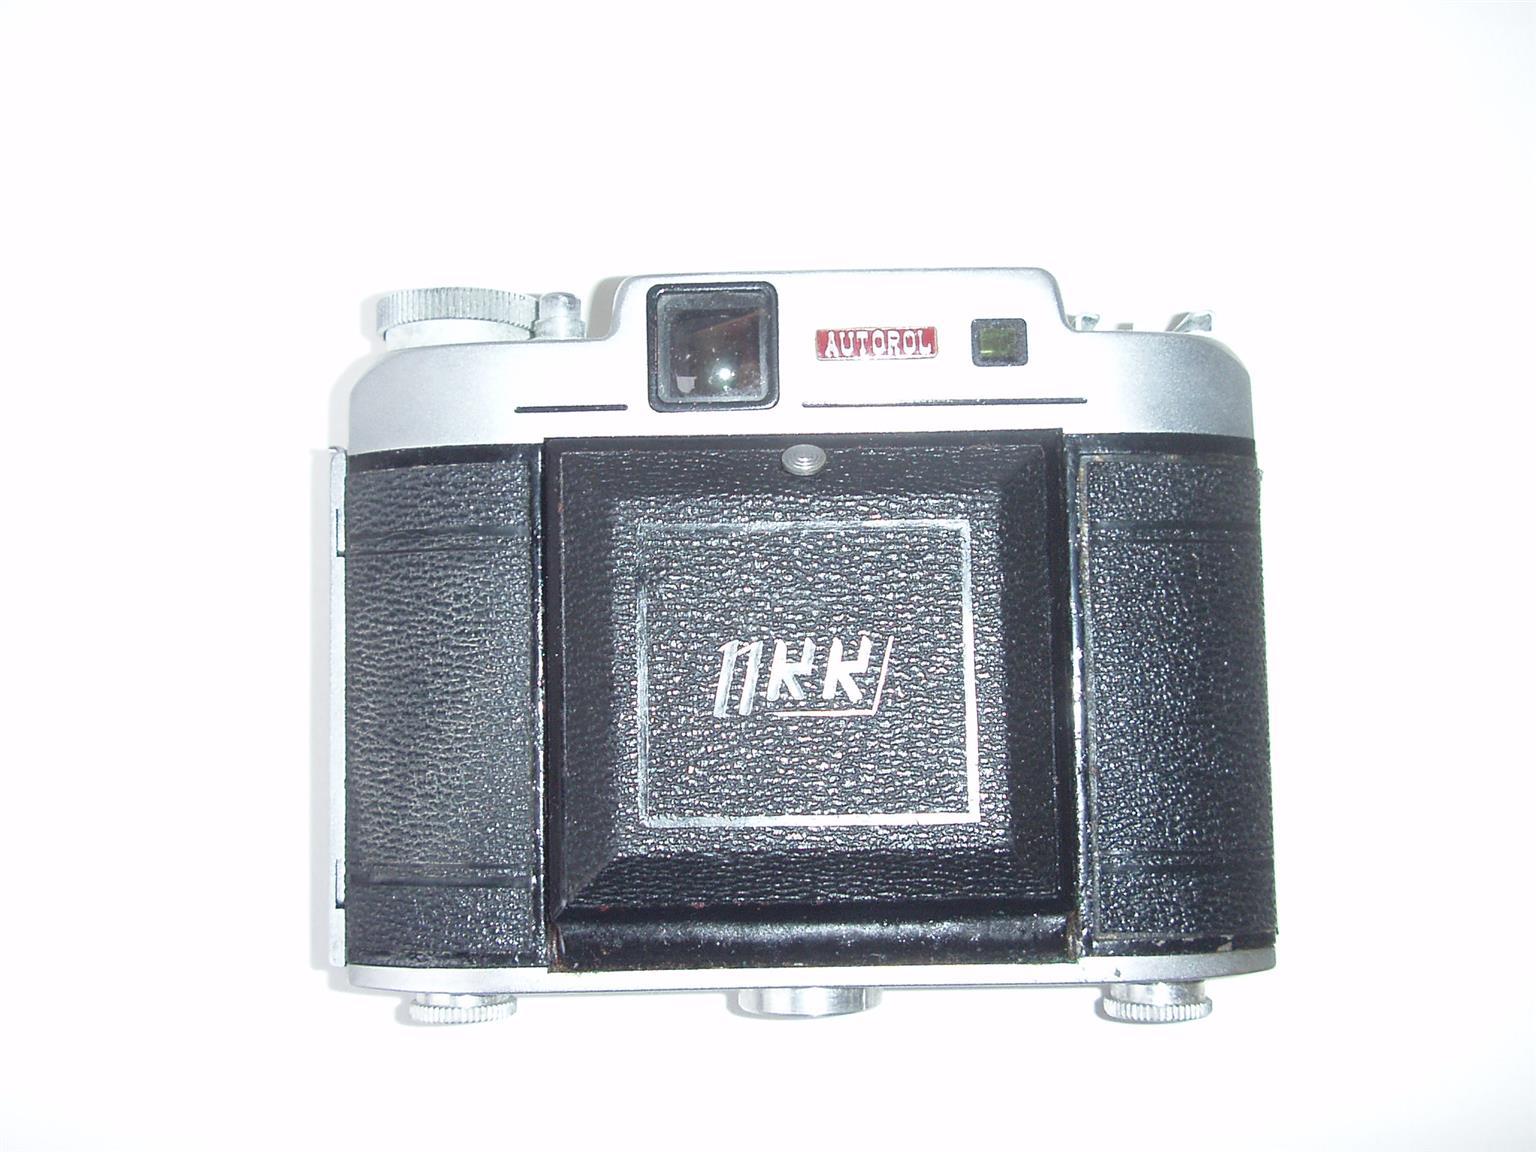 Vintage  Wester Autorol Spring Camera - No 114481